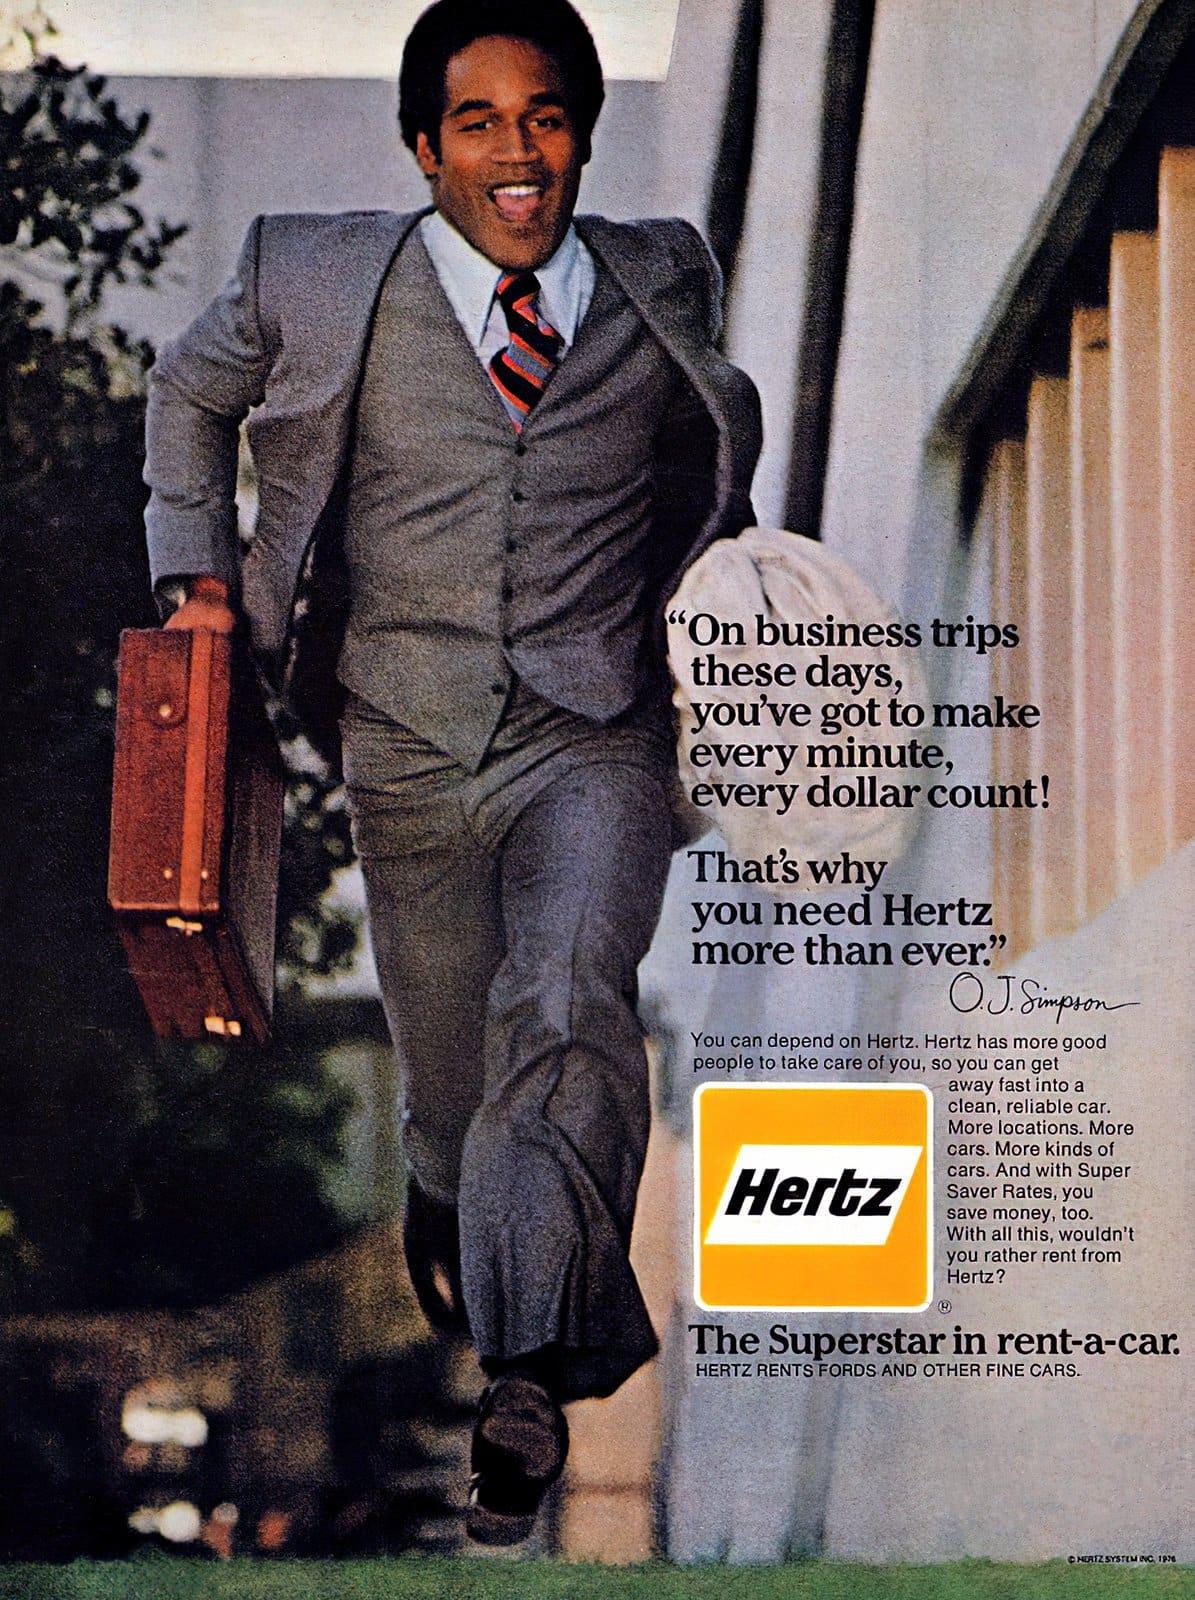 OJ Simpson for Hertz (1976)